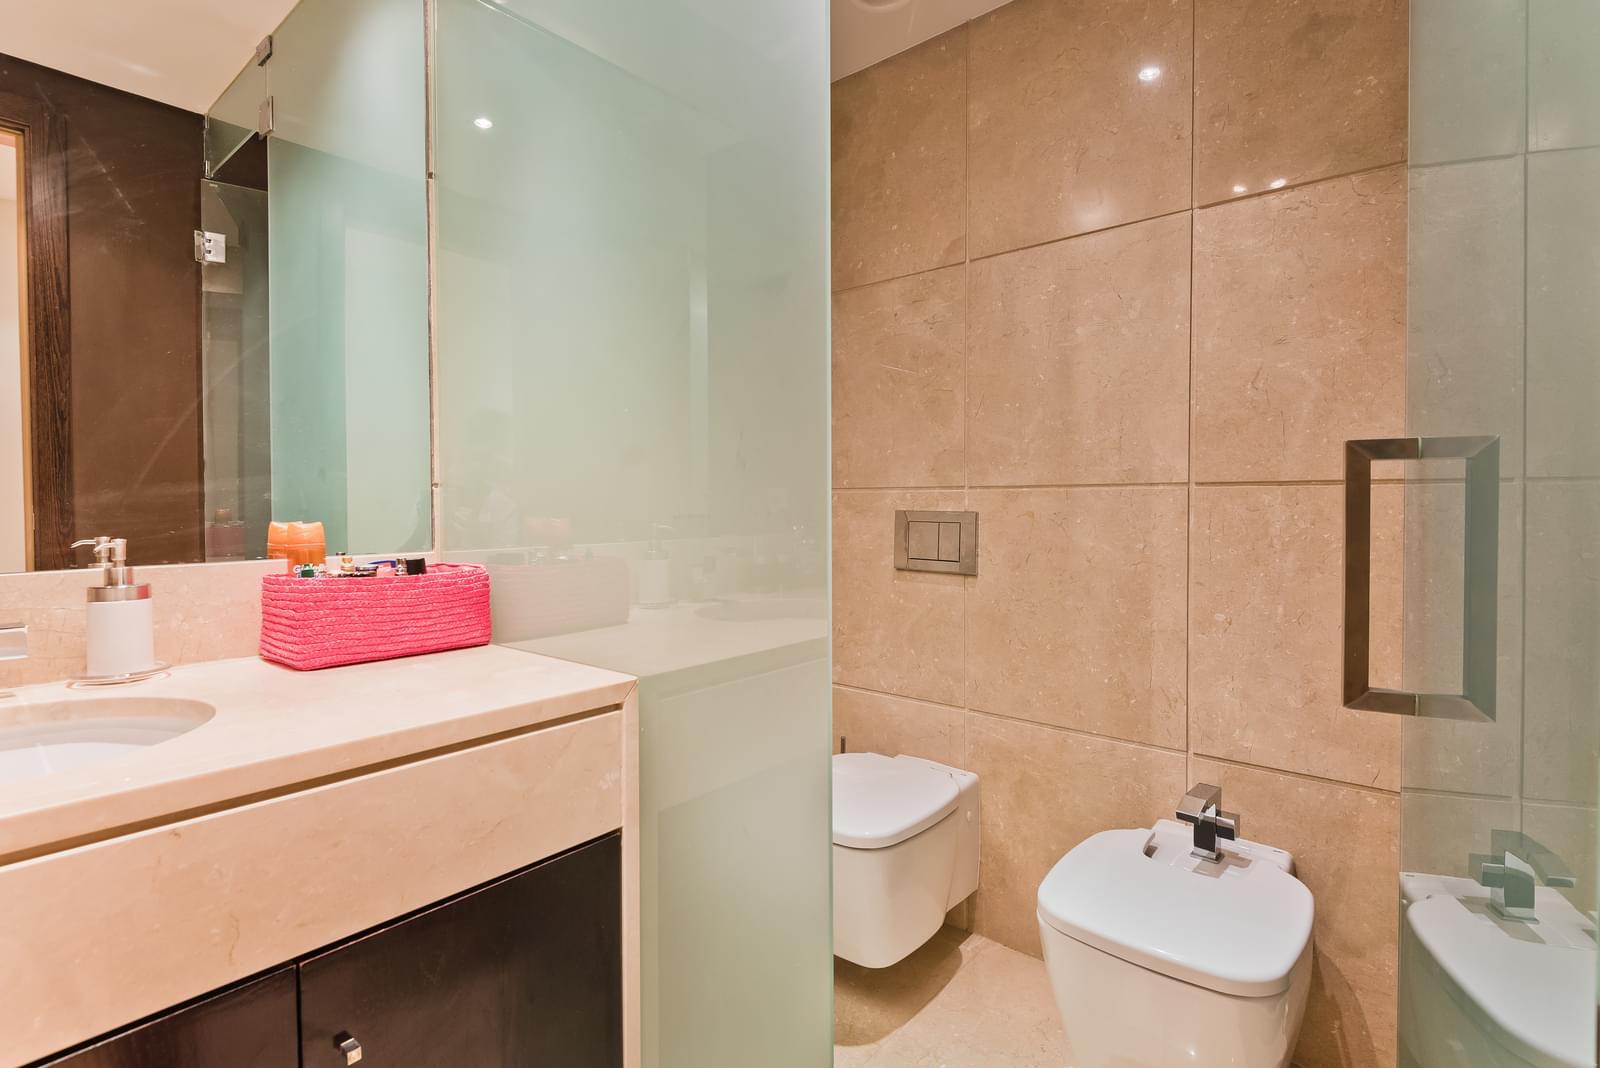 pf18030-apartamento-t4-cascais-7ba1a9ad-5176-489c-a9d7-a4214399e1fd